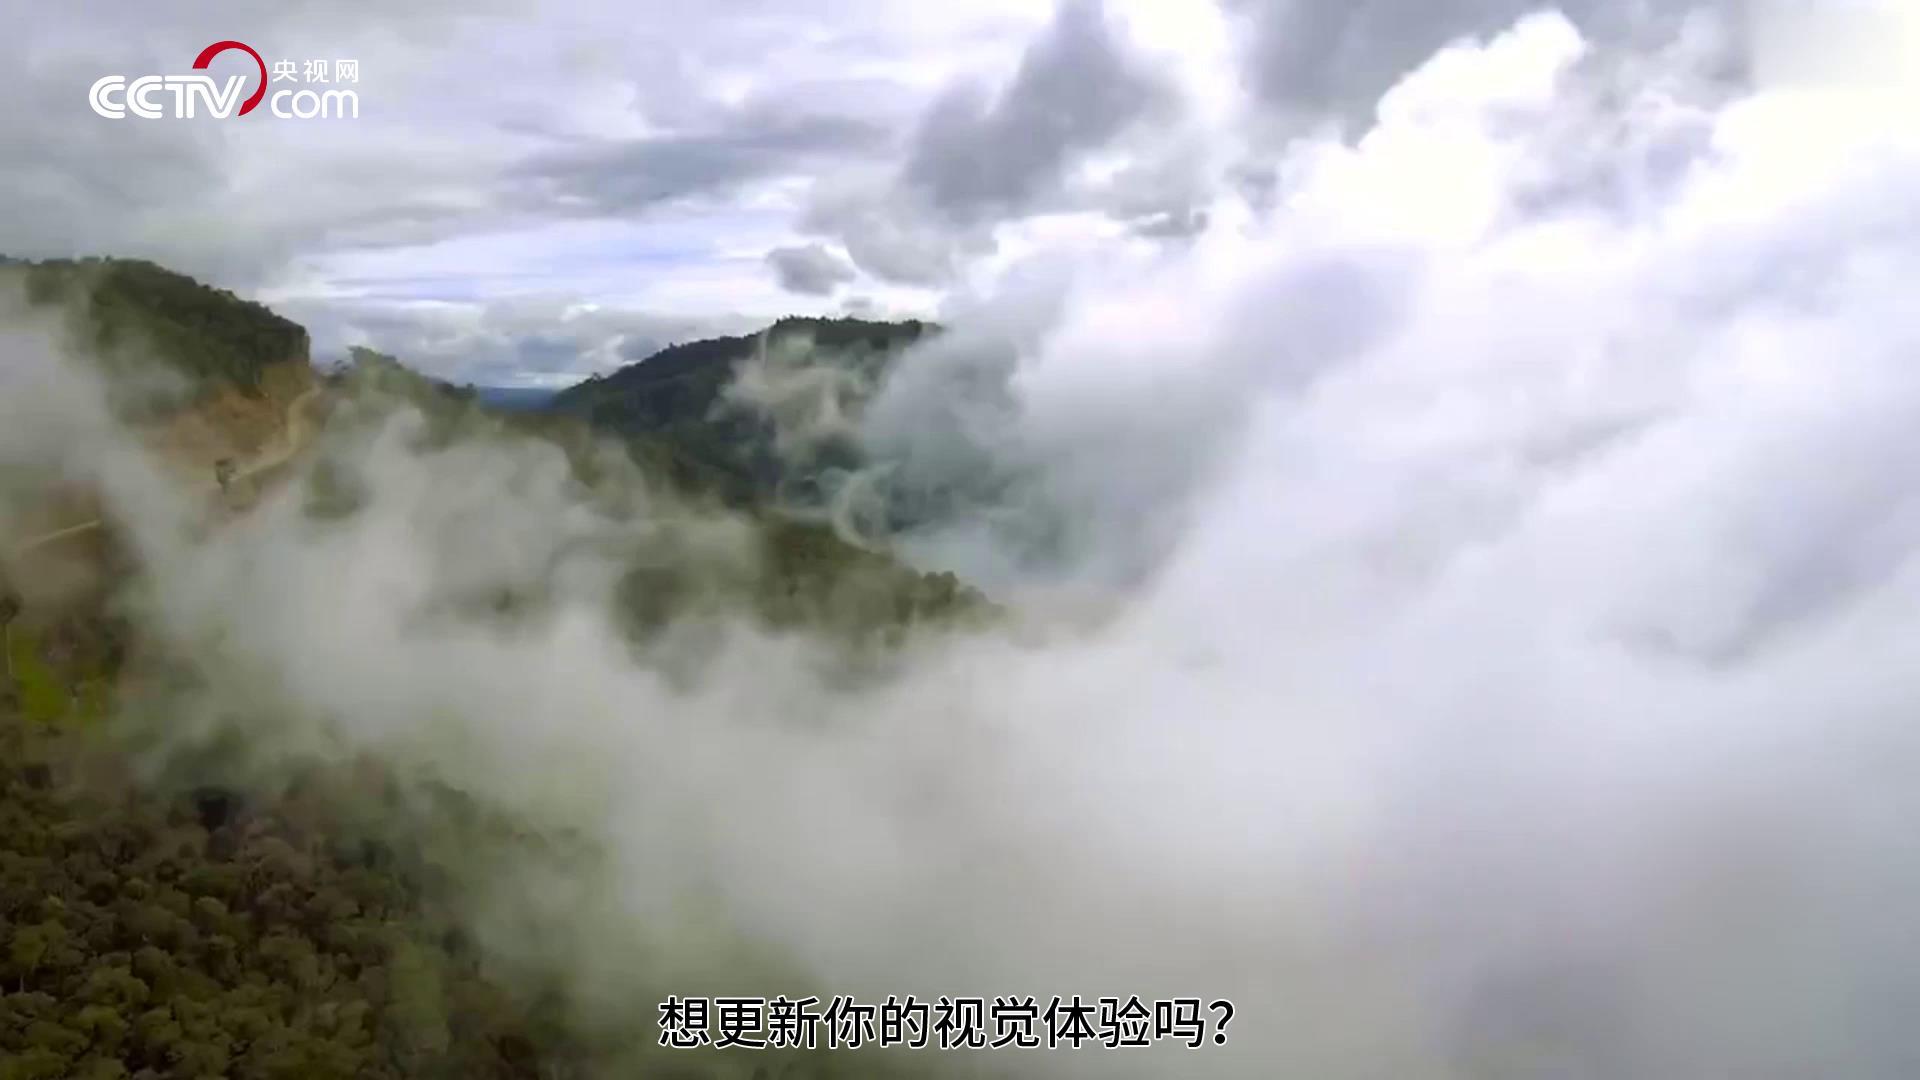 一分钟速览习主席的到访地——巴布亚新几内亚图片